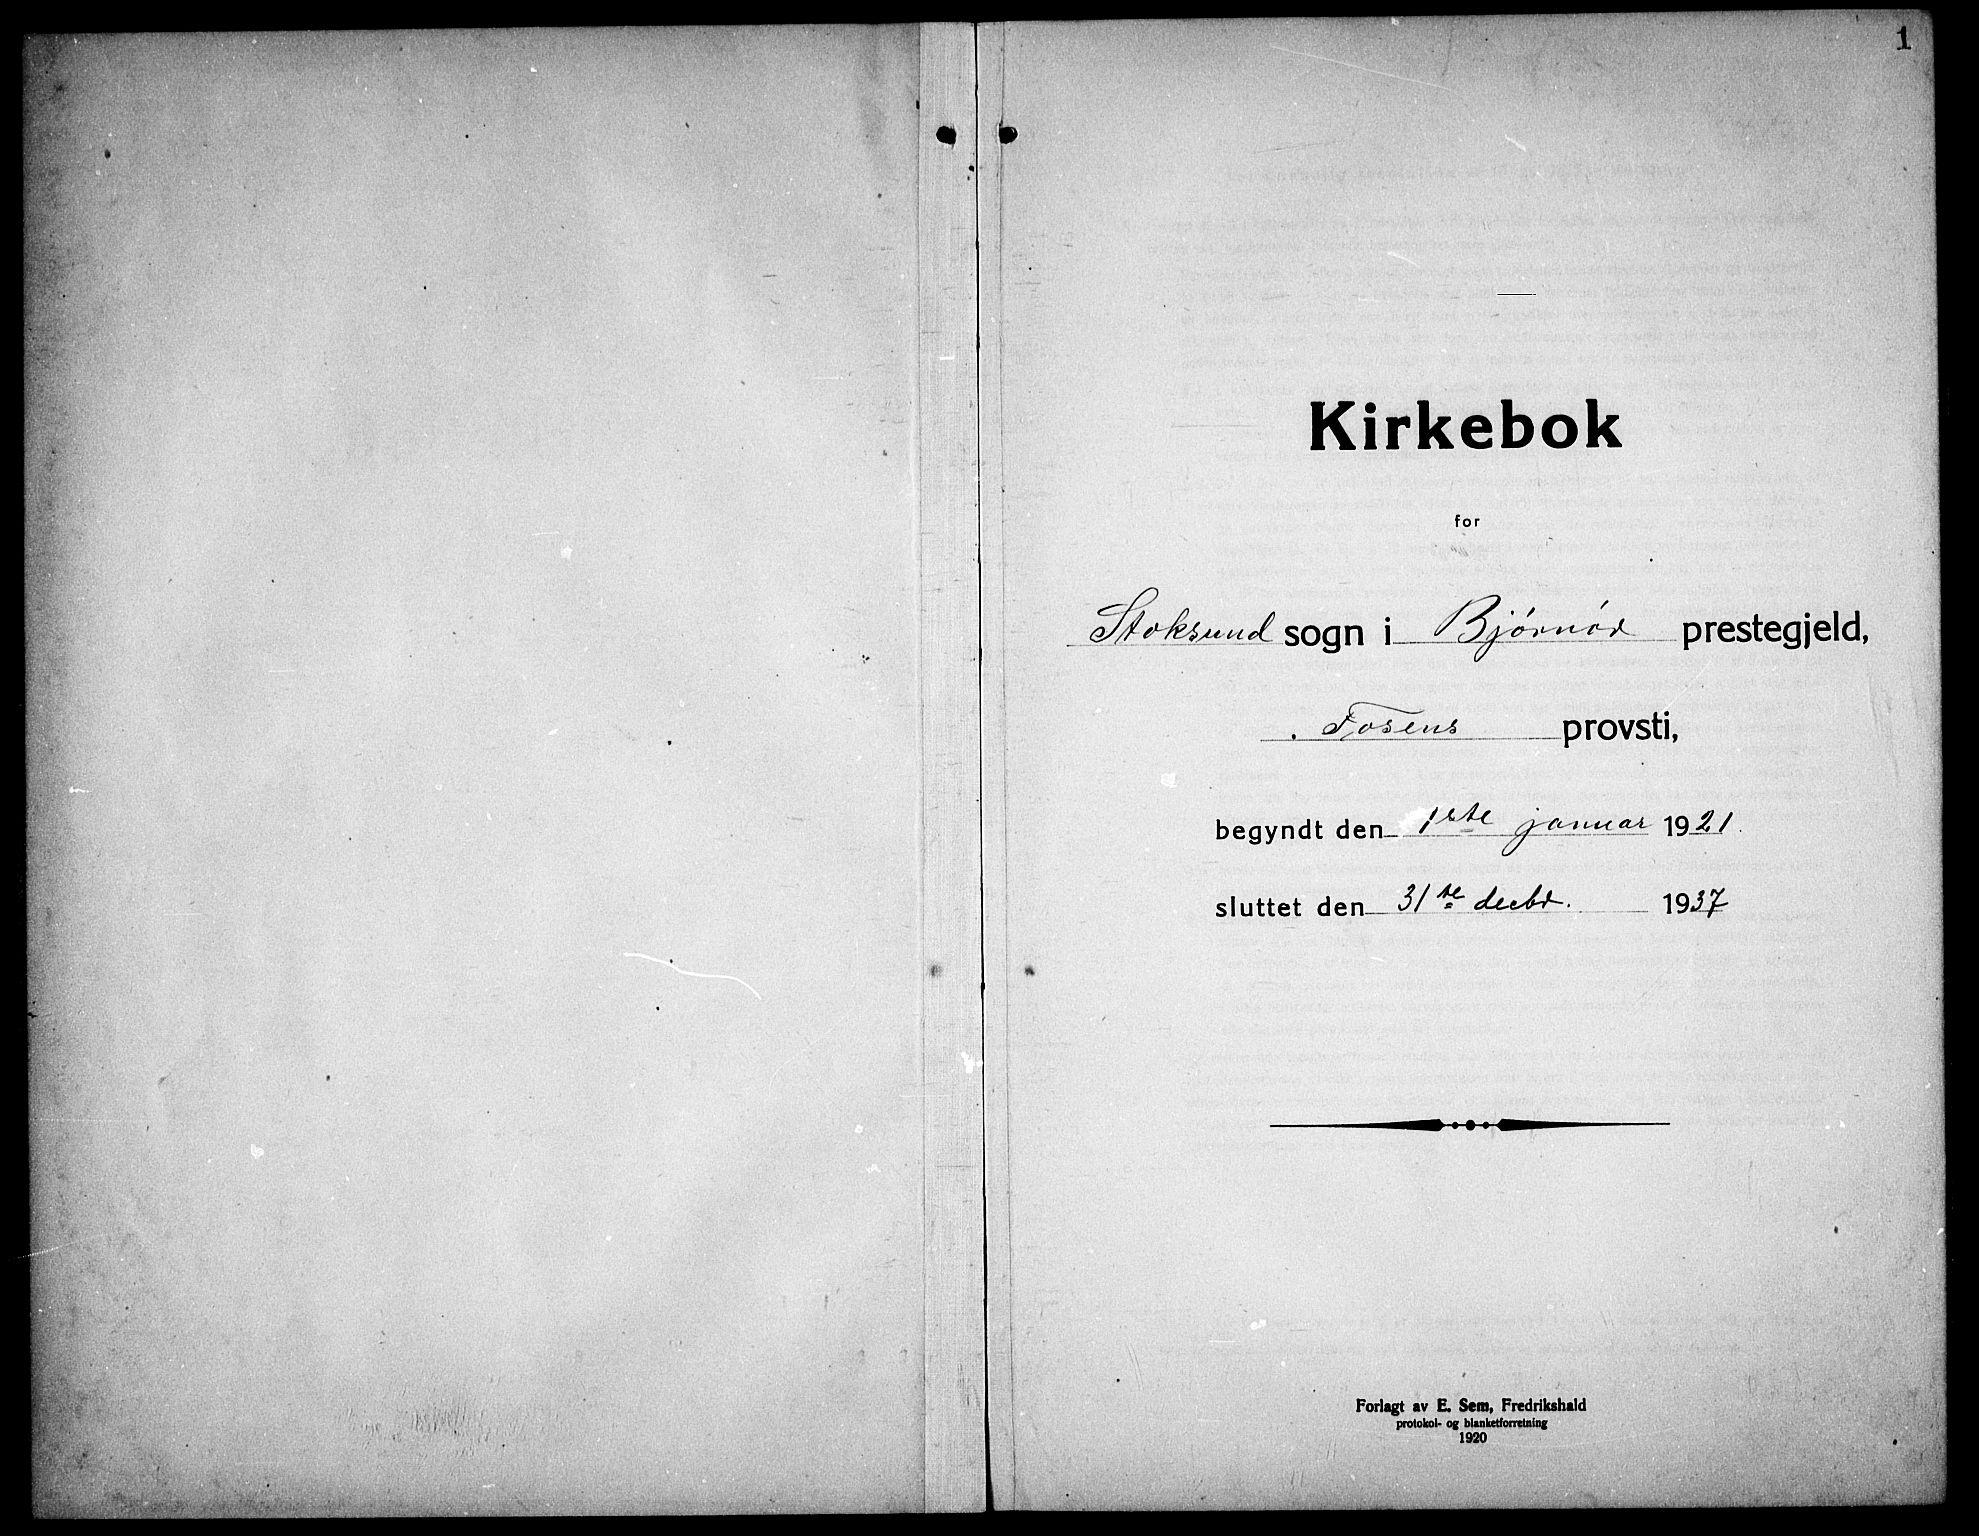 SAT, Ministerialprotokoller, klokkerbøker og fødselsregistre - Sør-Trøndelag, 656/L0696: Klokkerbok nr. 656C02, 1921-1937, s. 1